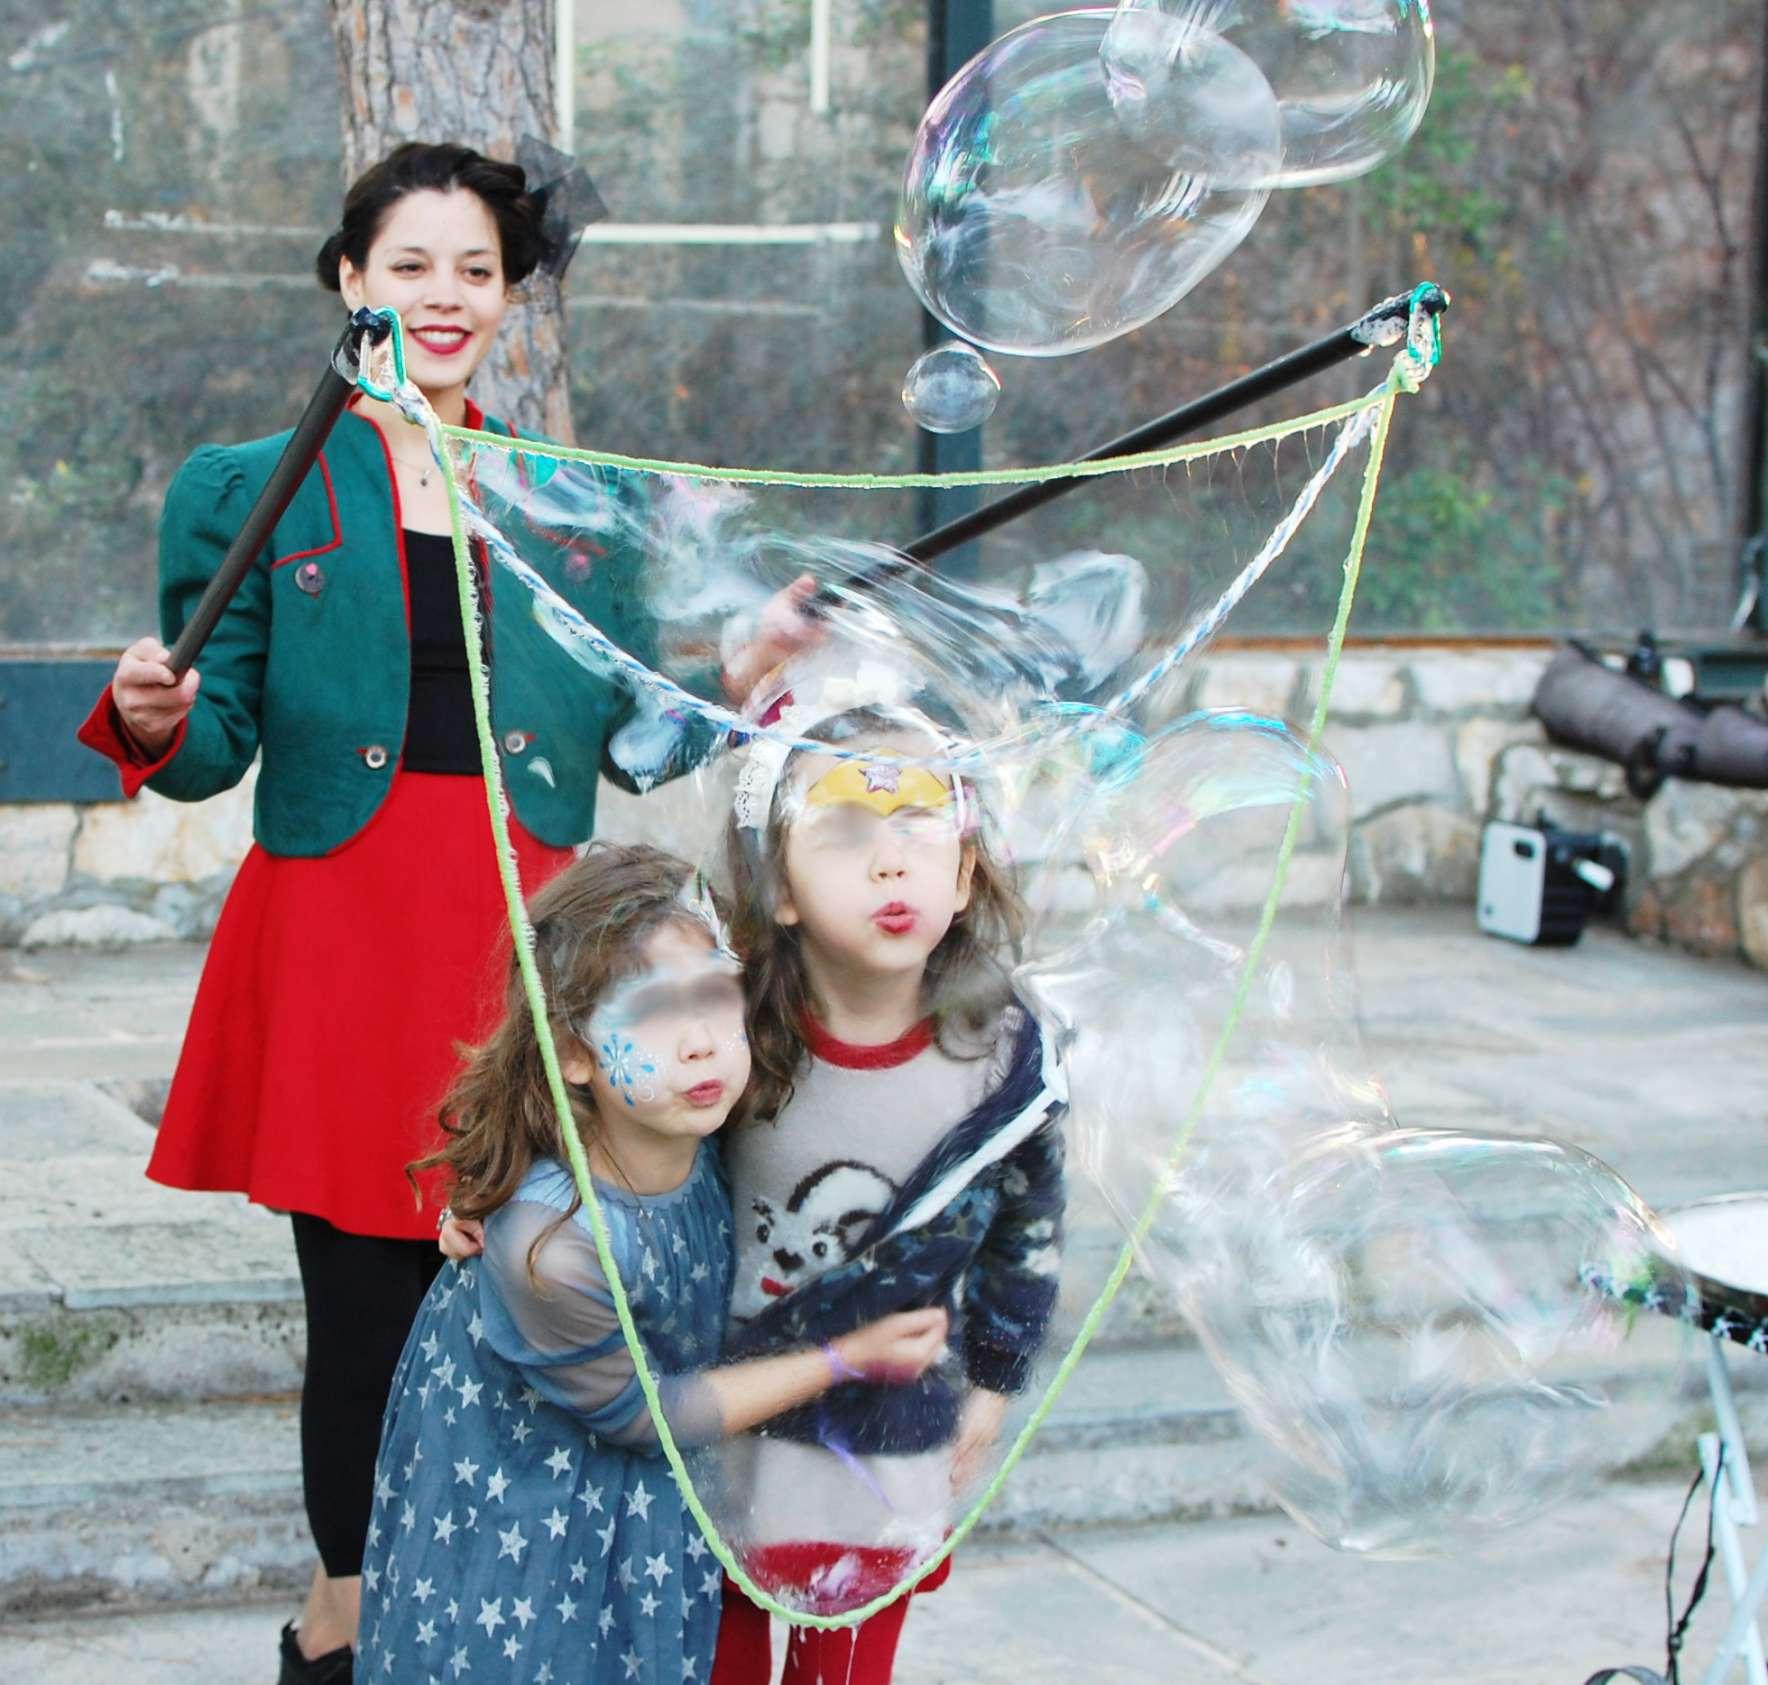 Δύο κορίτσια φτιάχνουν μεγάλες σαπουνόφουσκες φυσώντας ειδικό εξάρτημα που κρατά ανιματέρ σε παιδικό πάρτυ.